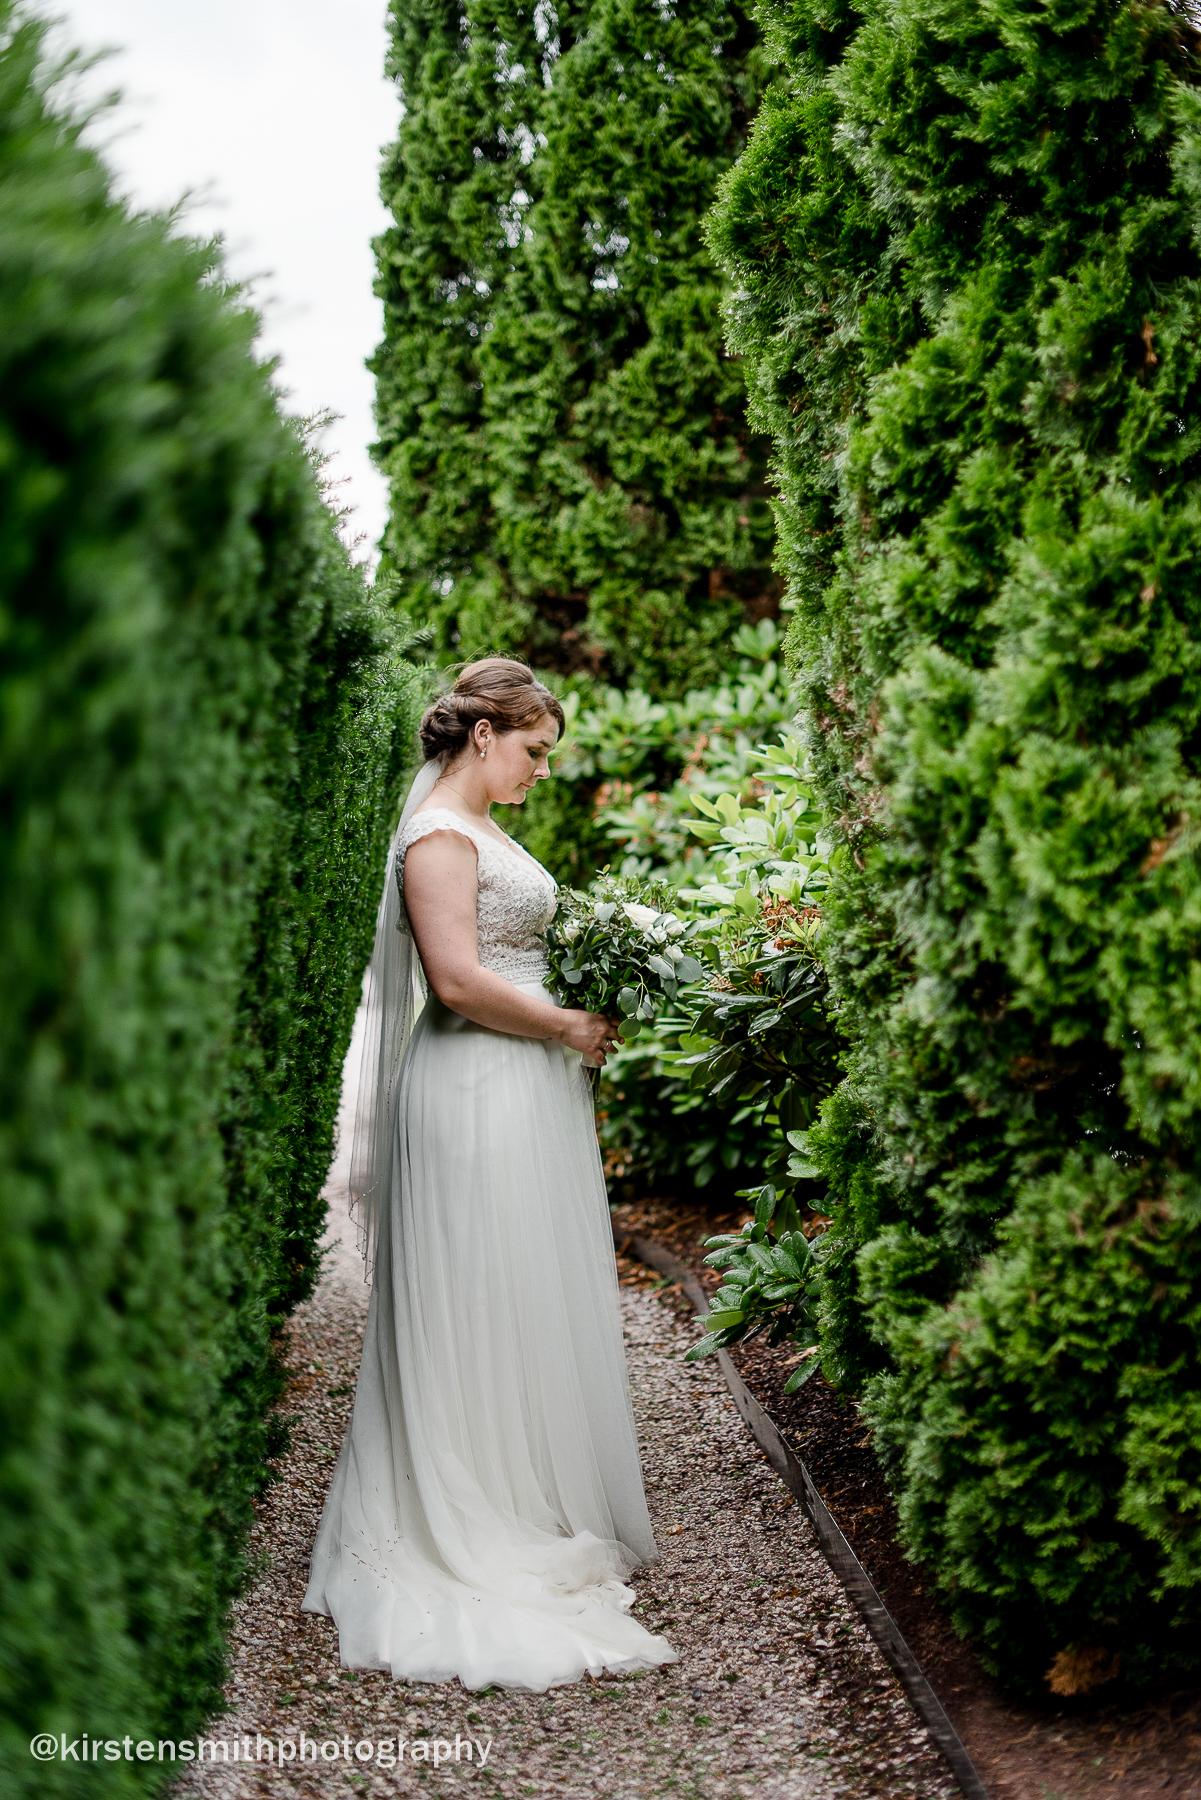 0329Kirsten-Smith-Photography-Michelle-Seth-Wedding-.jpg